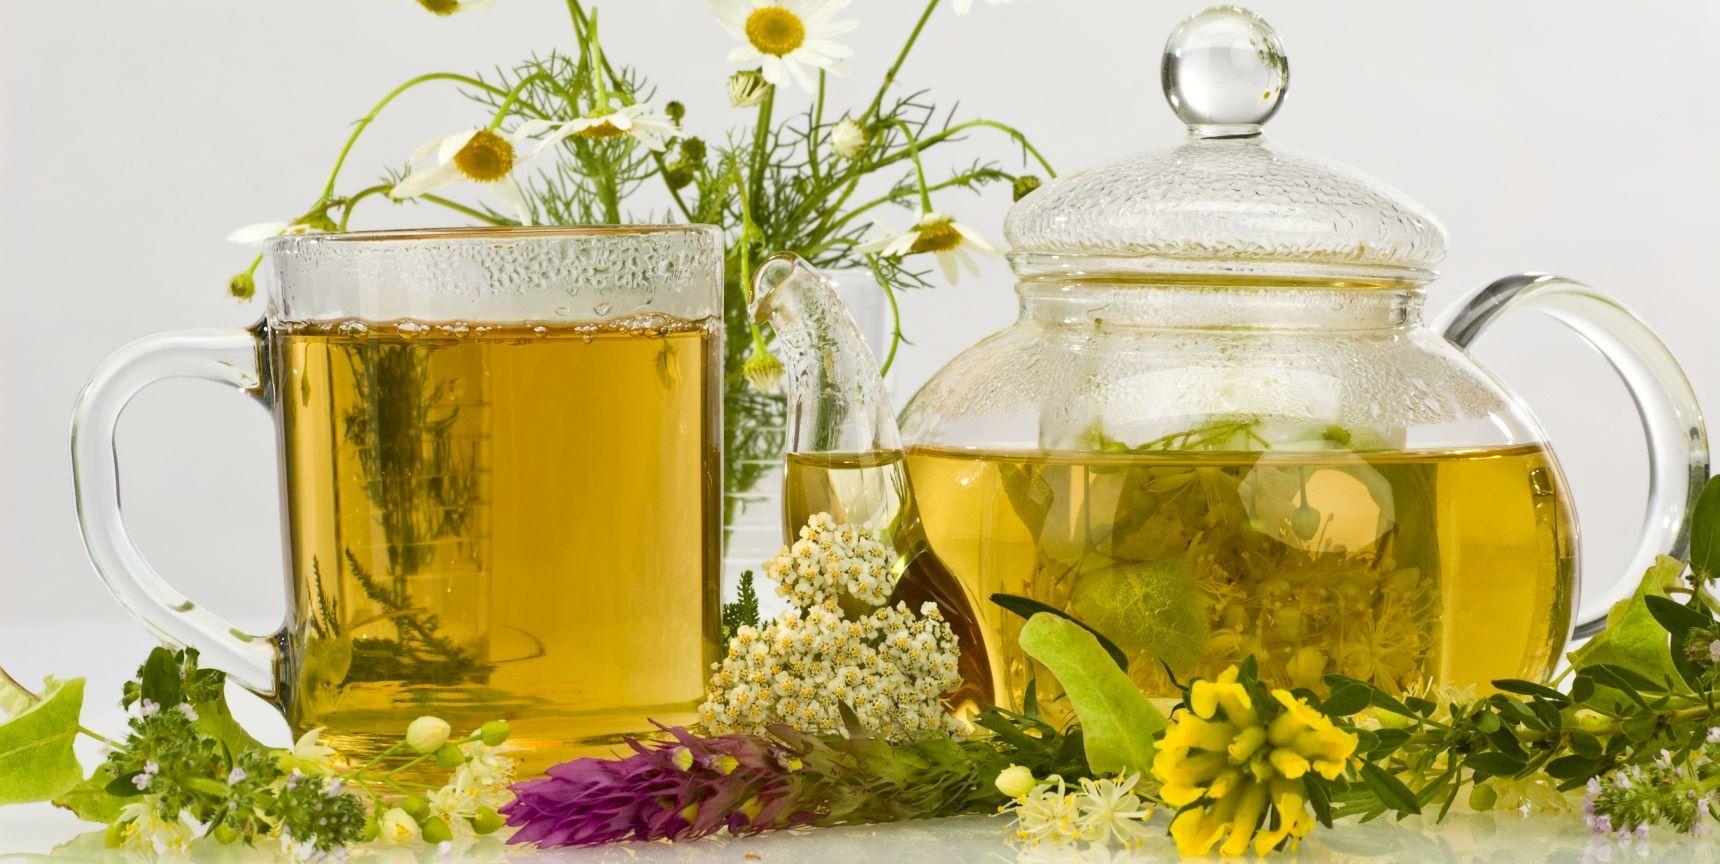 heilkraeuter fuer Verdauung und stoffwechsel pano